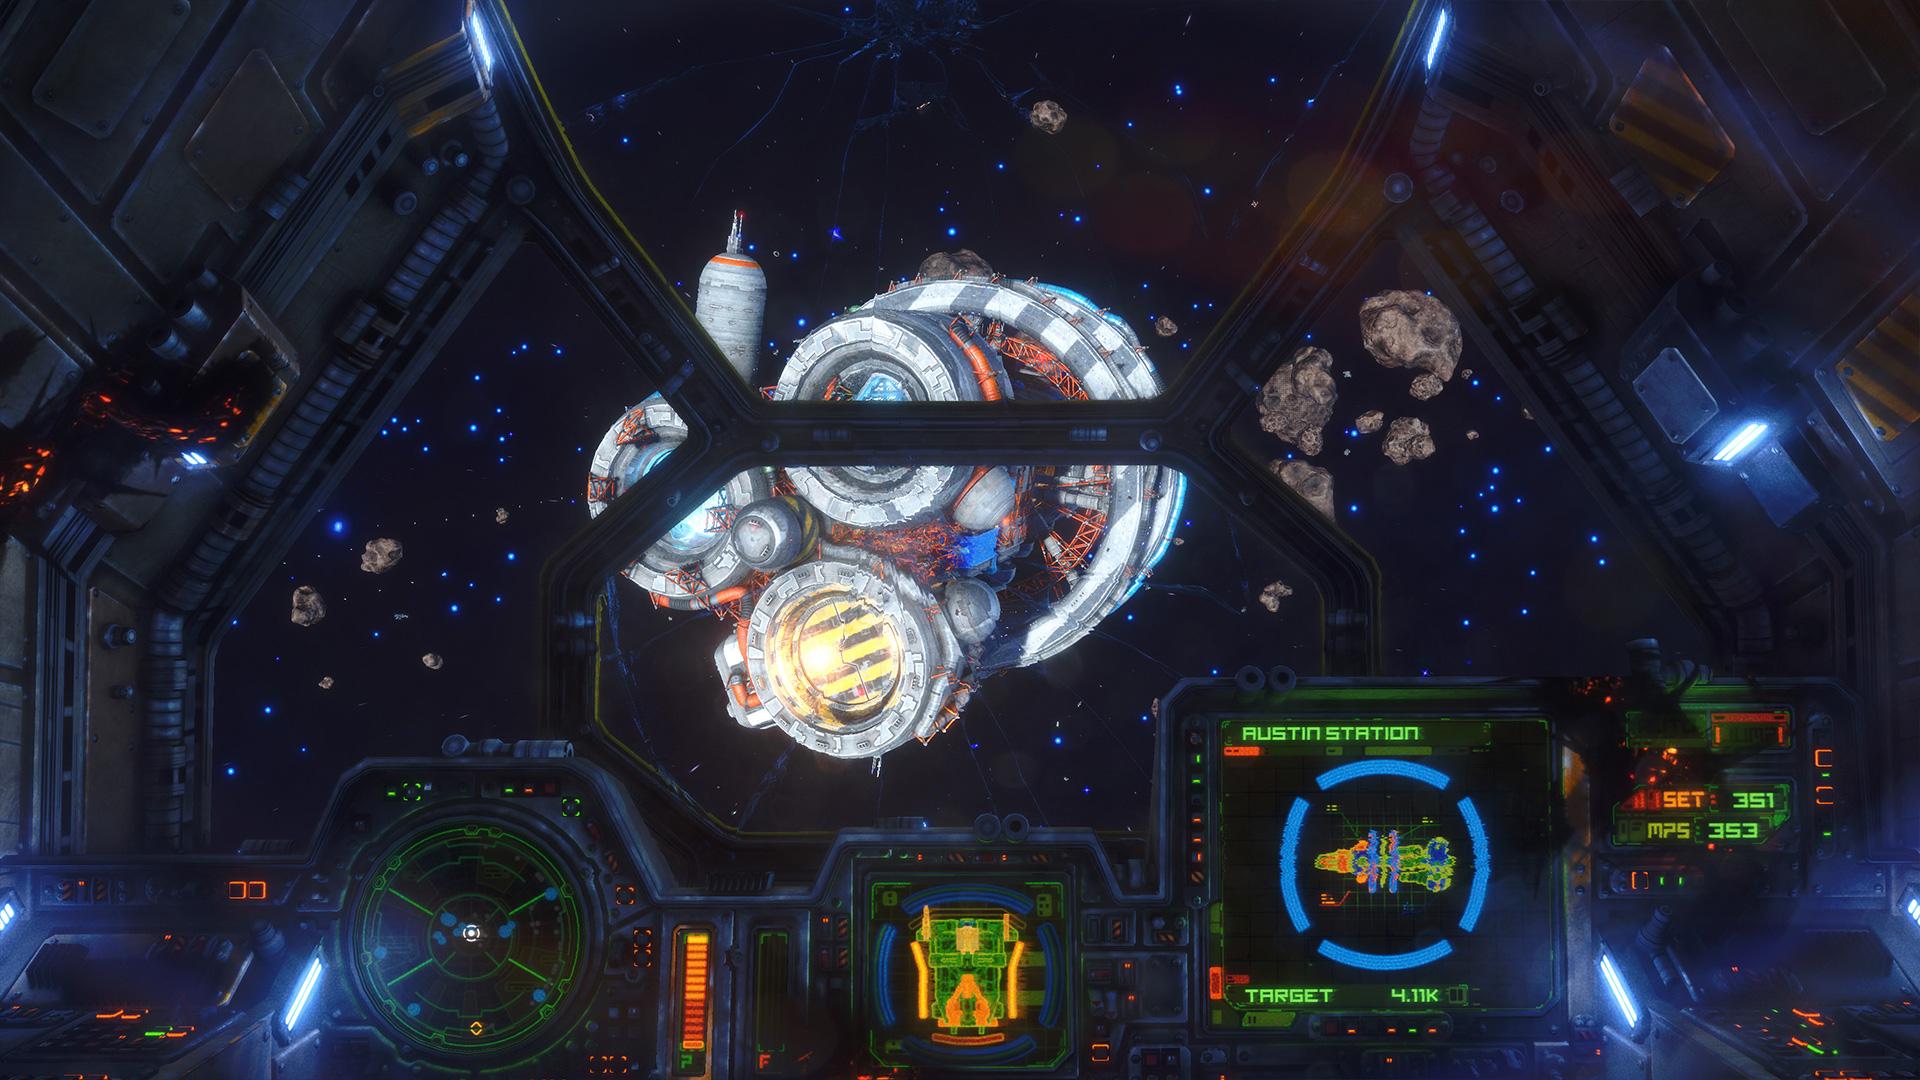 Rebell Galaxy Outlaw Development Roadmap - Details Kostenloses Inhaltsupdate, Konsolenports und Mod-Unterstützung 1